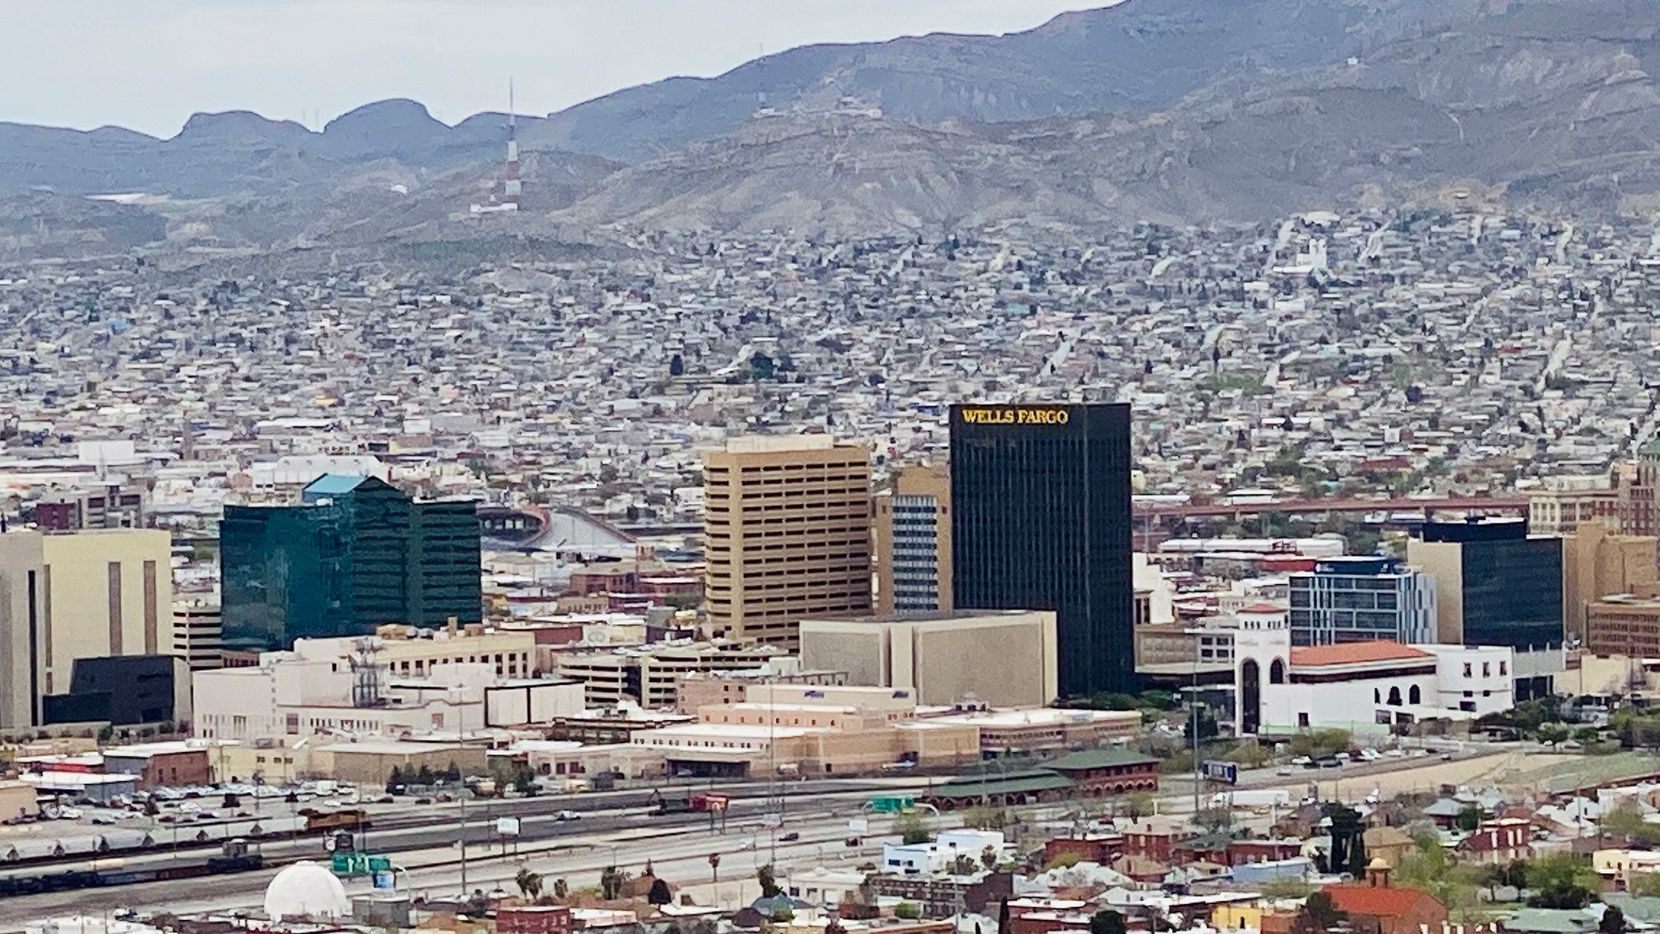 Vista panorámica de los centros de El Paso y Ciudad Juárez.